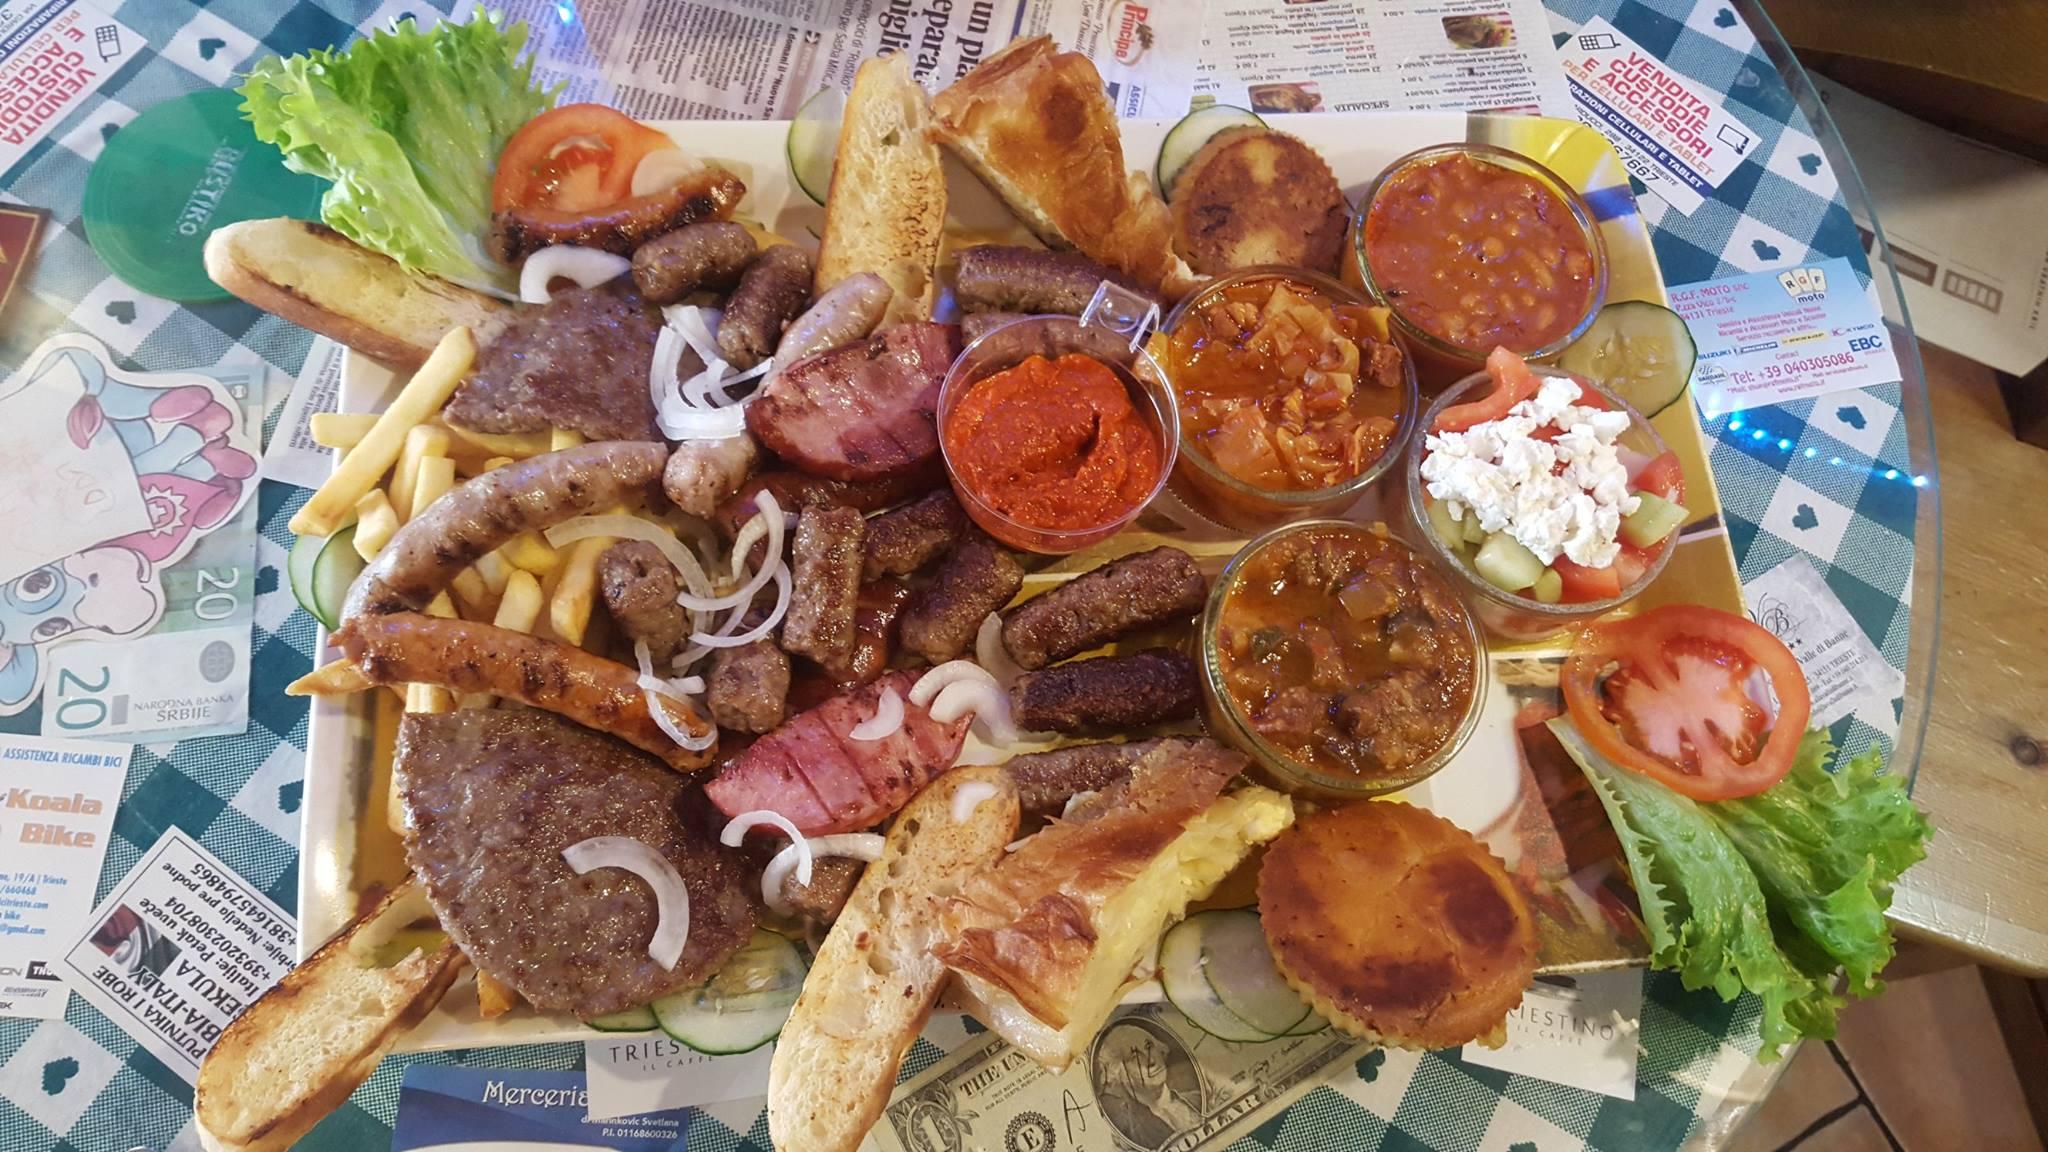 La tradizione dello spuntino di metà mattinata triestino, buono anche per pranzo, per metà pomeriggio, per quando hai voglia di carne, fritti e buffet